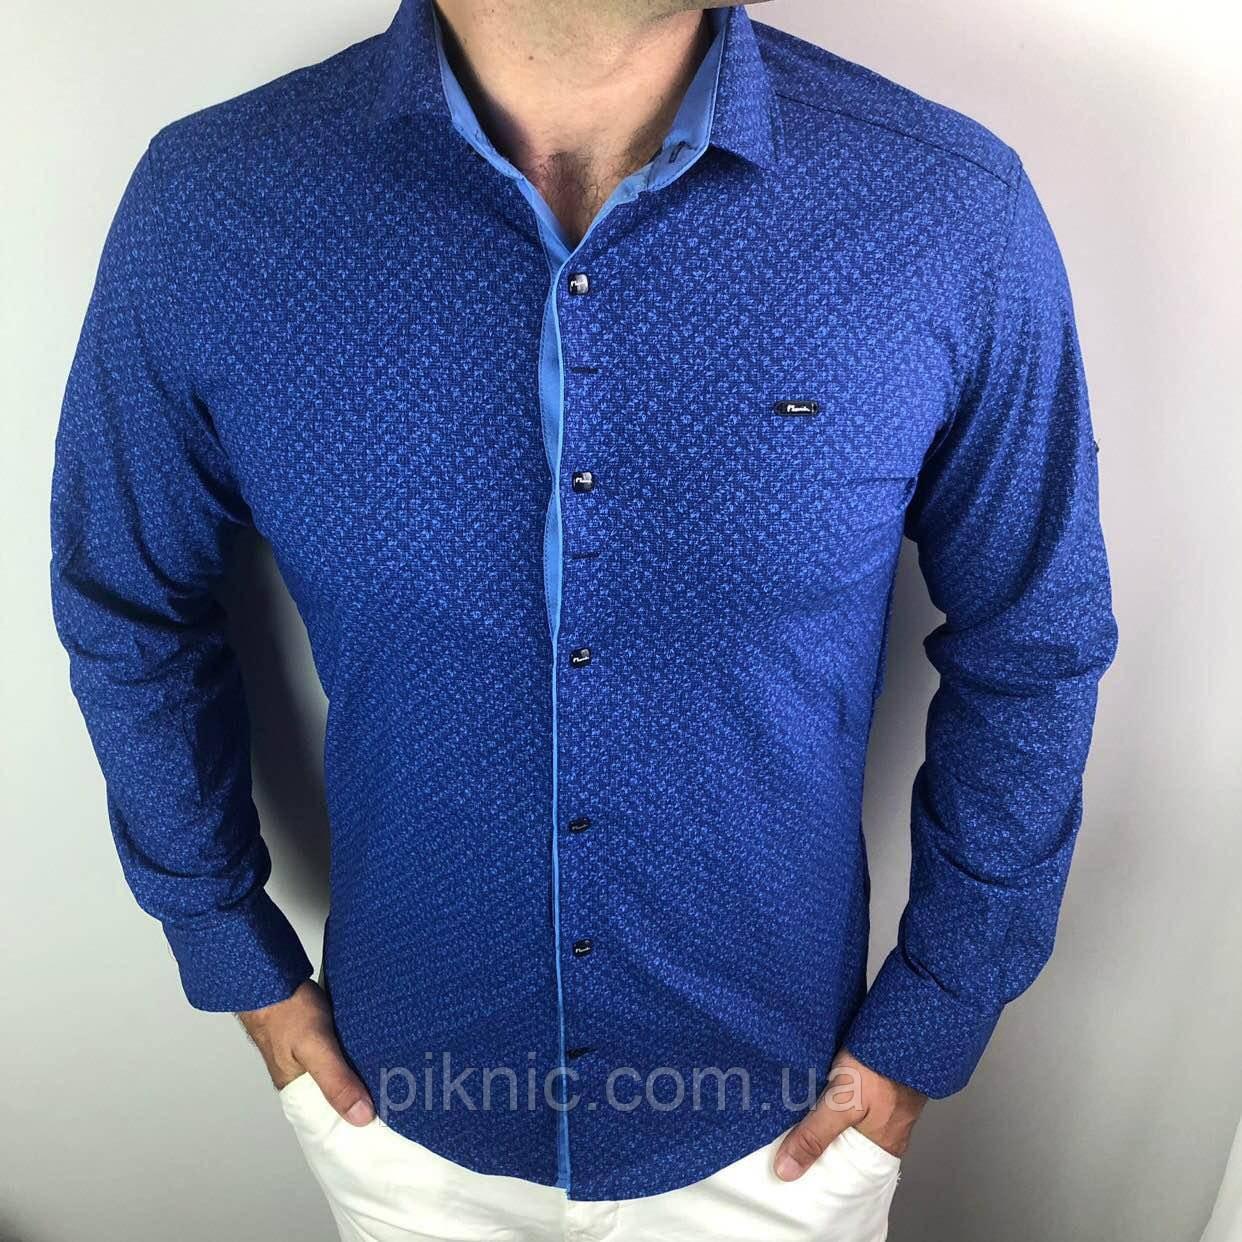 Рубашка мужская S,M,XXL длинный рукав. Турция. Молодежная турецкая рубашка трансформер. Синий